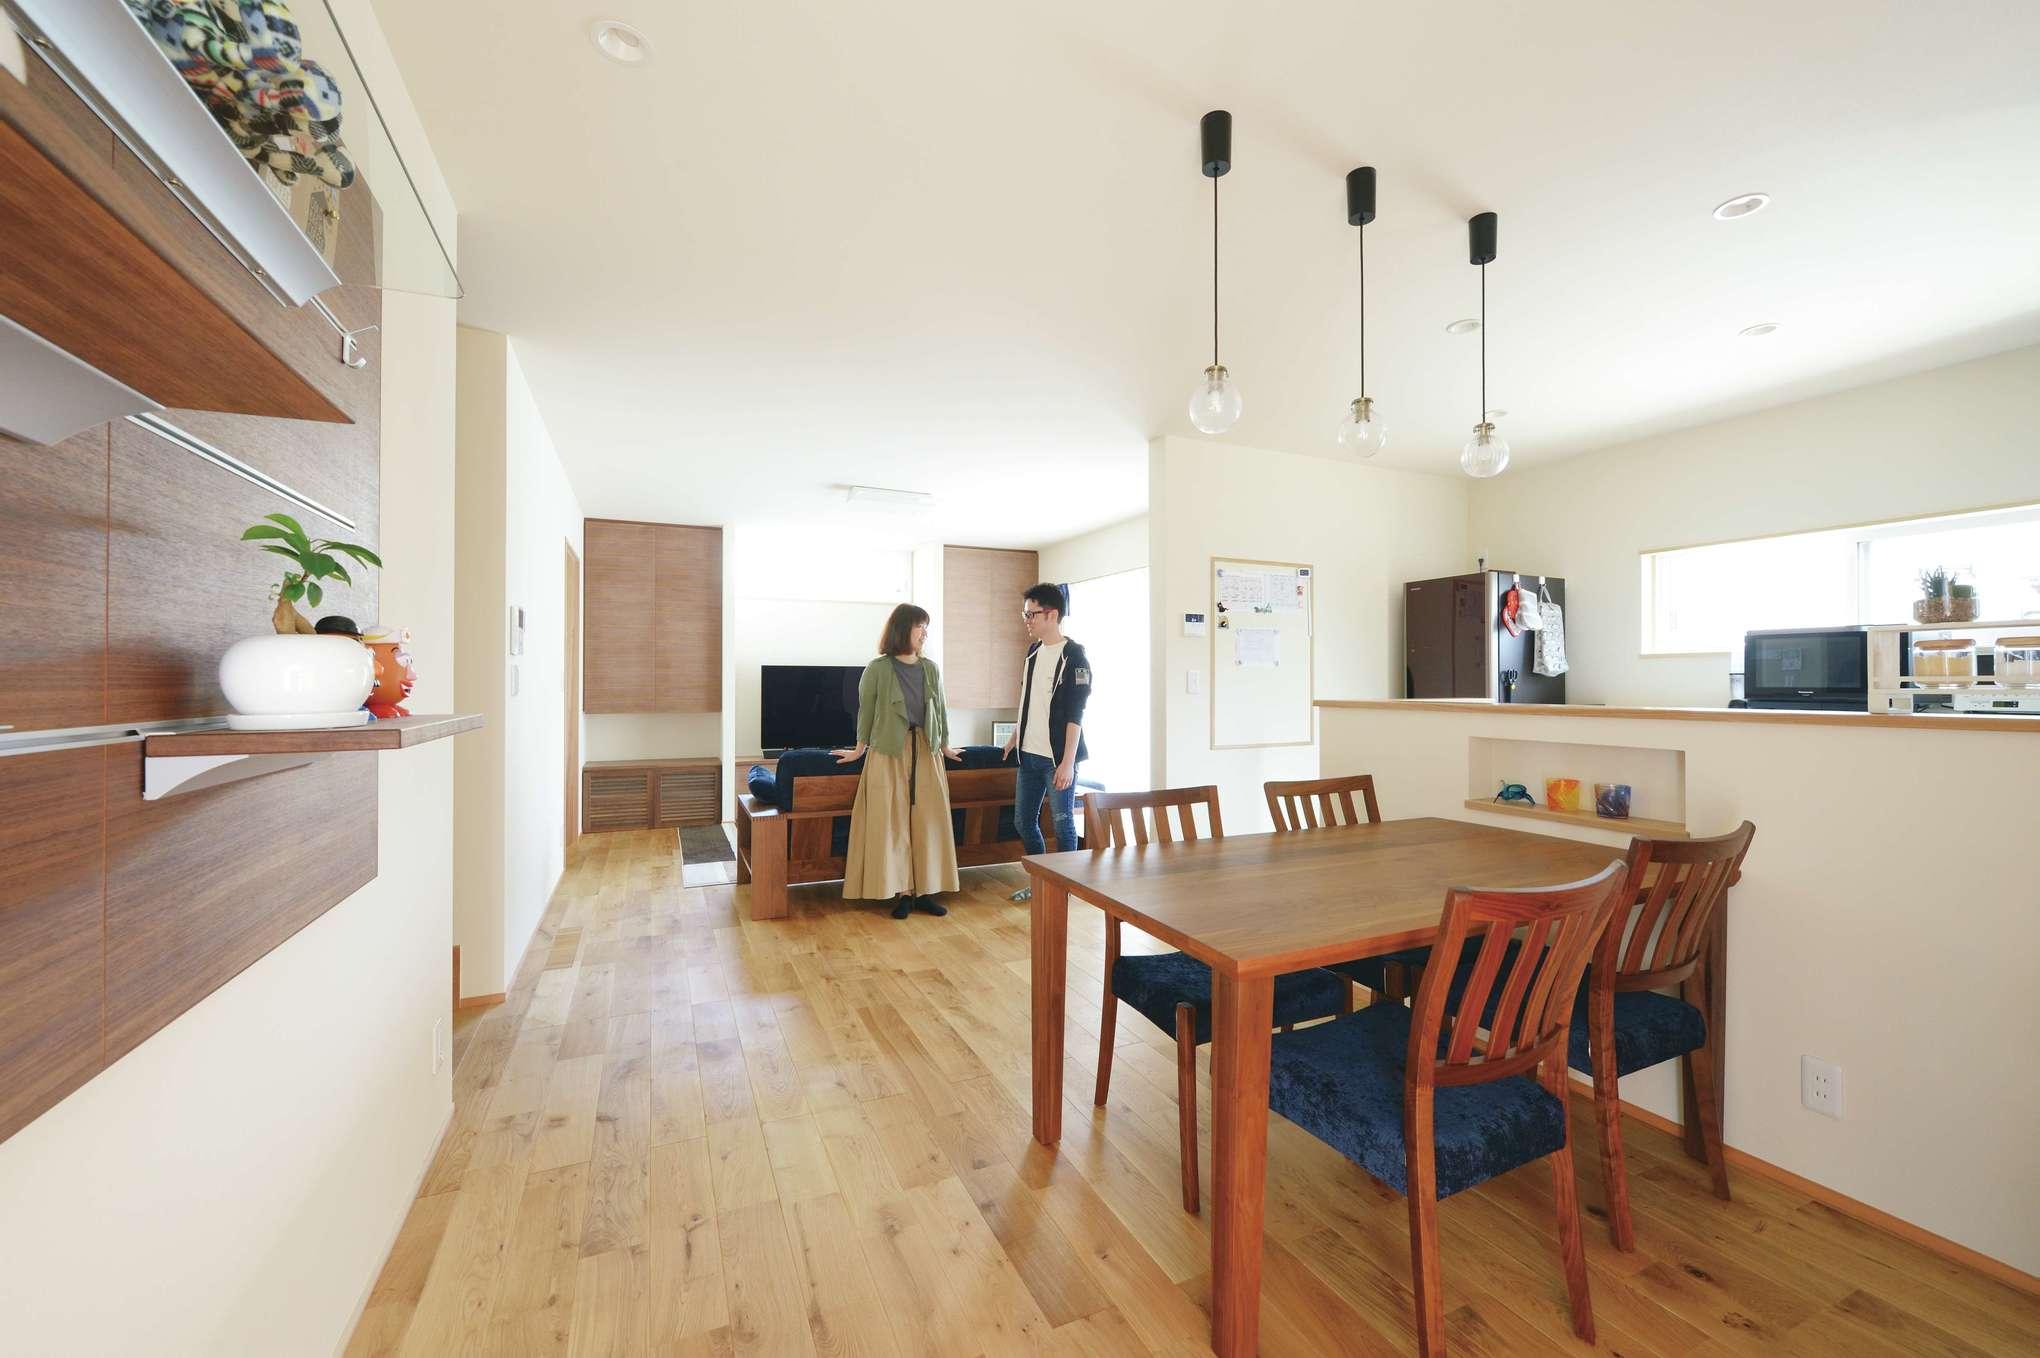 新栄住宅【自然素材、省エネ、間取り】22.3畳のLDK。ホワイトオークの床に合わせて家具をセレクト。「SHIN-EI床下エアコン」を装備したことで、家庭用のルームエアコン1台で足元から住まい全体が快適な温度になる